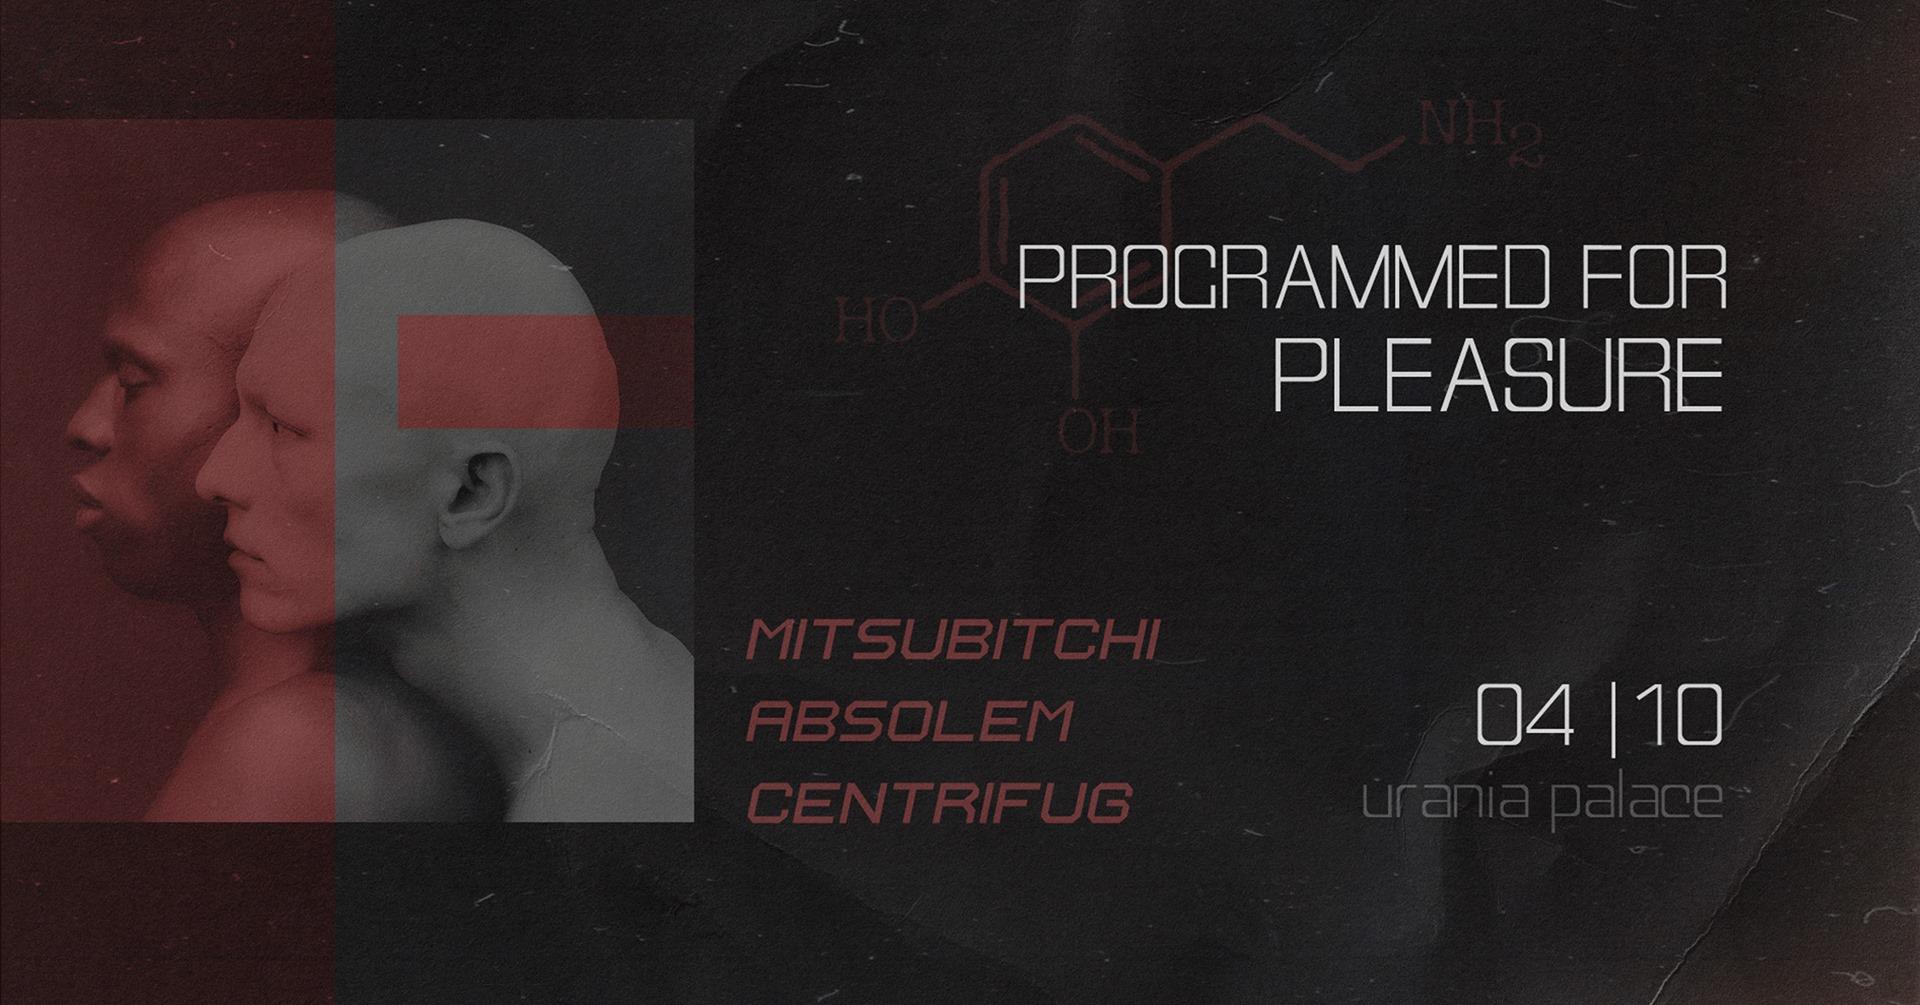 Programmed for pleasure